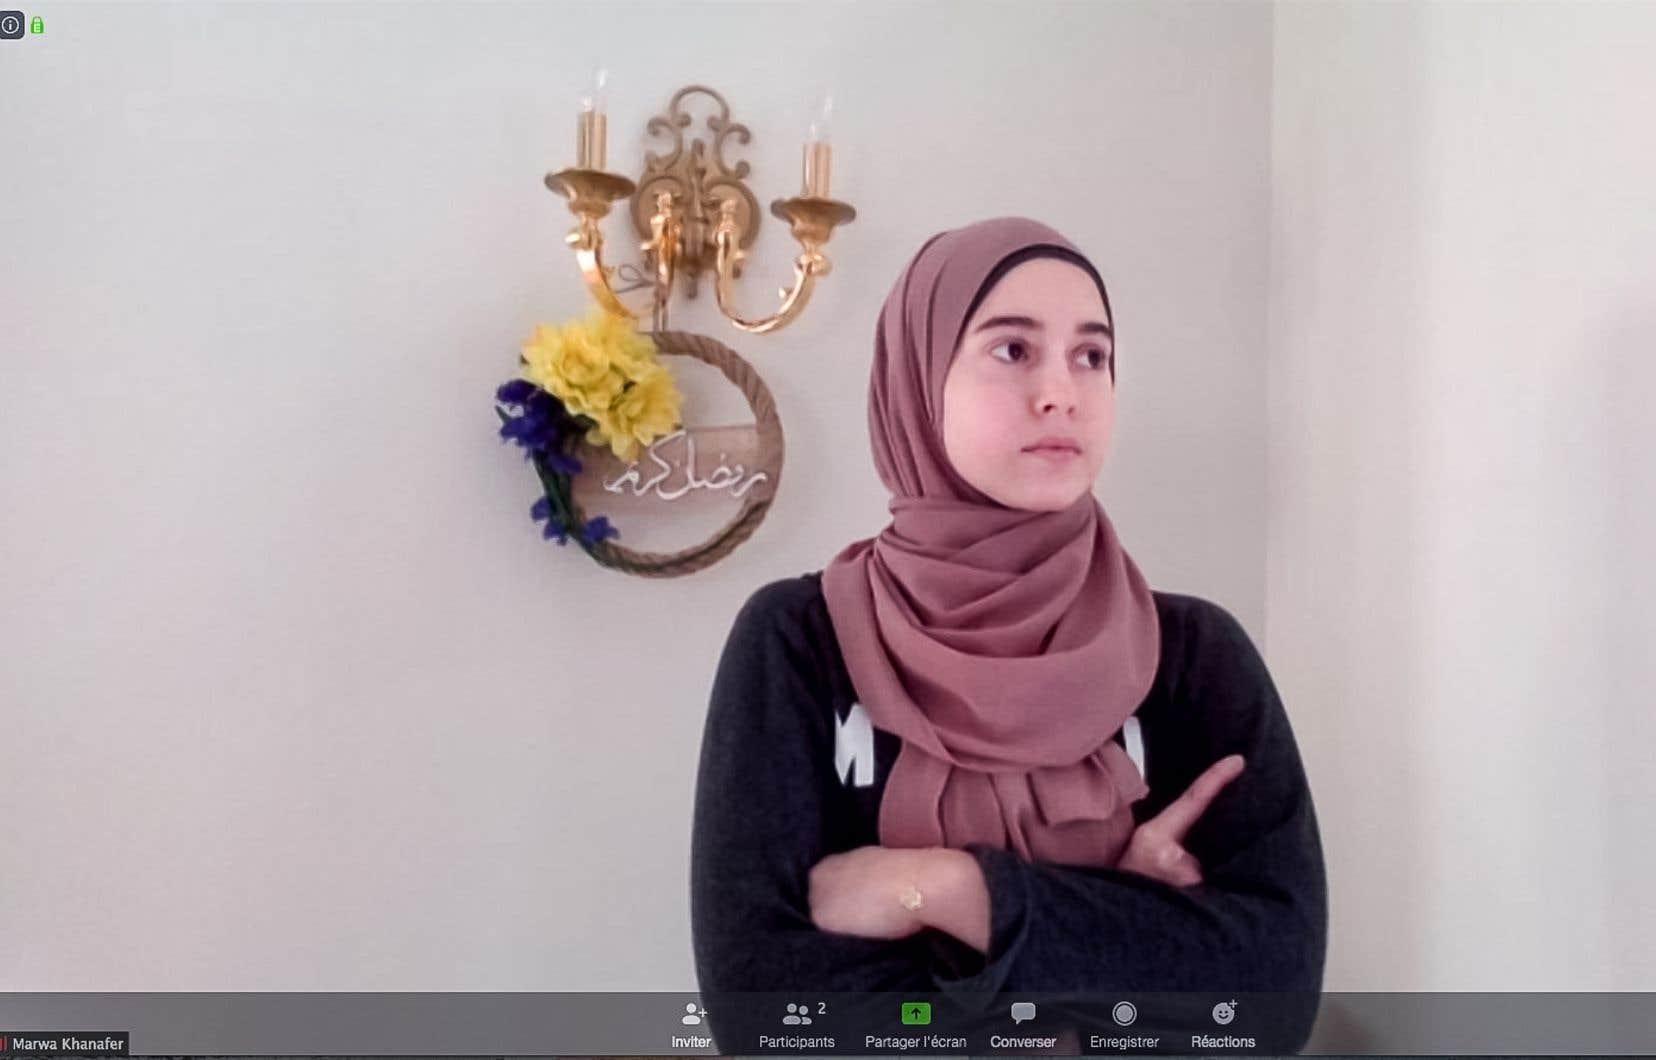 C'est en grande partie devant son écran d'ordinateur que Marwa Khanafer vivra son mois si spécial dans sa foi. Elle est ici vue chez elle, grâce à l'application de vidéoconférence Zoom.